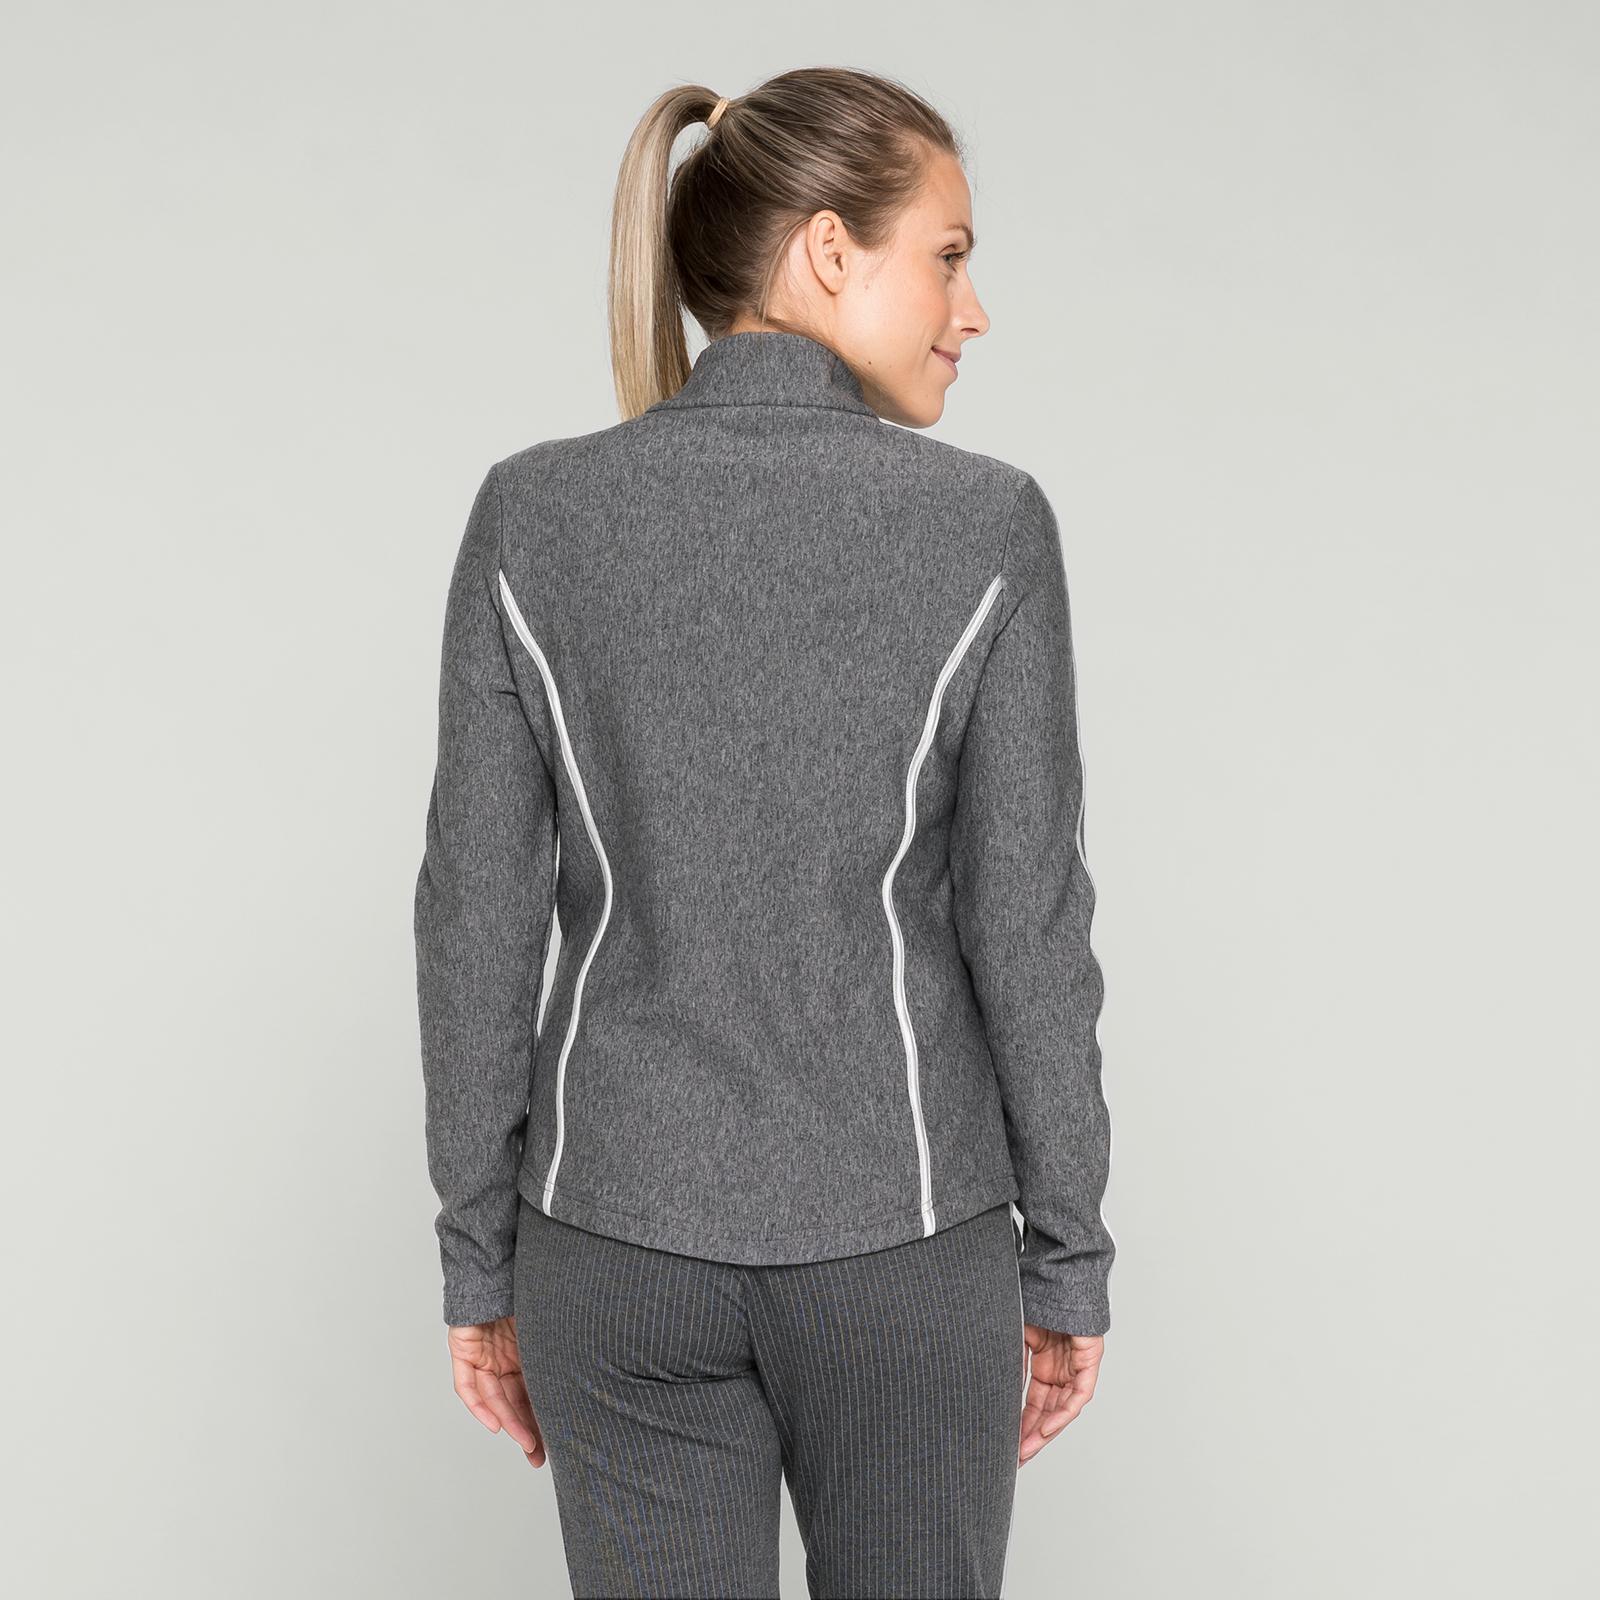 Damen Golf Sweater mit Tencel-Anteil